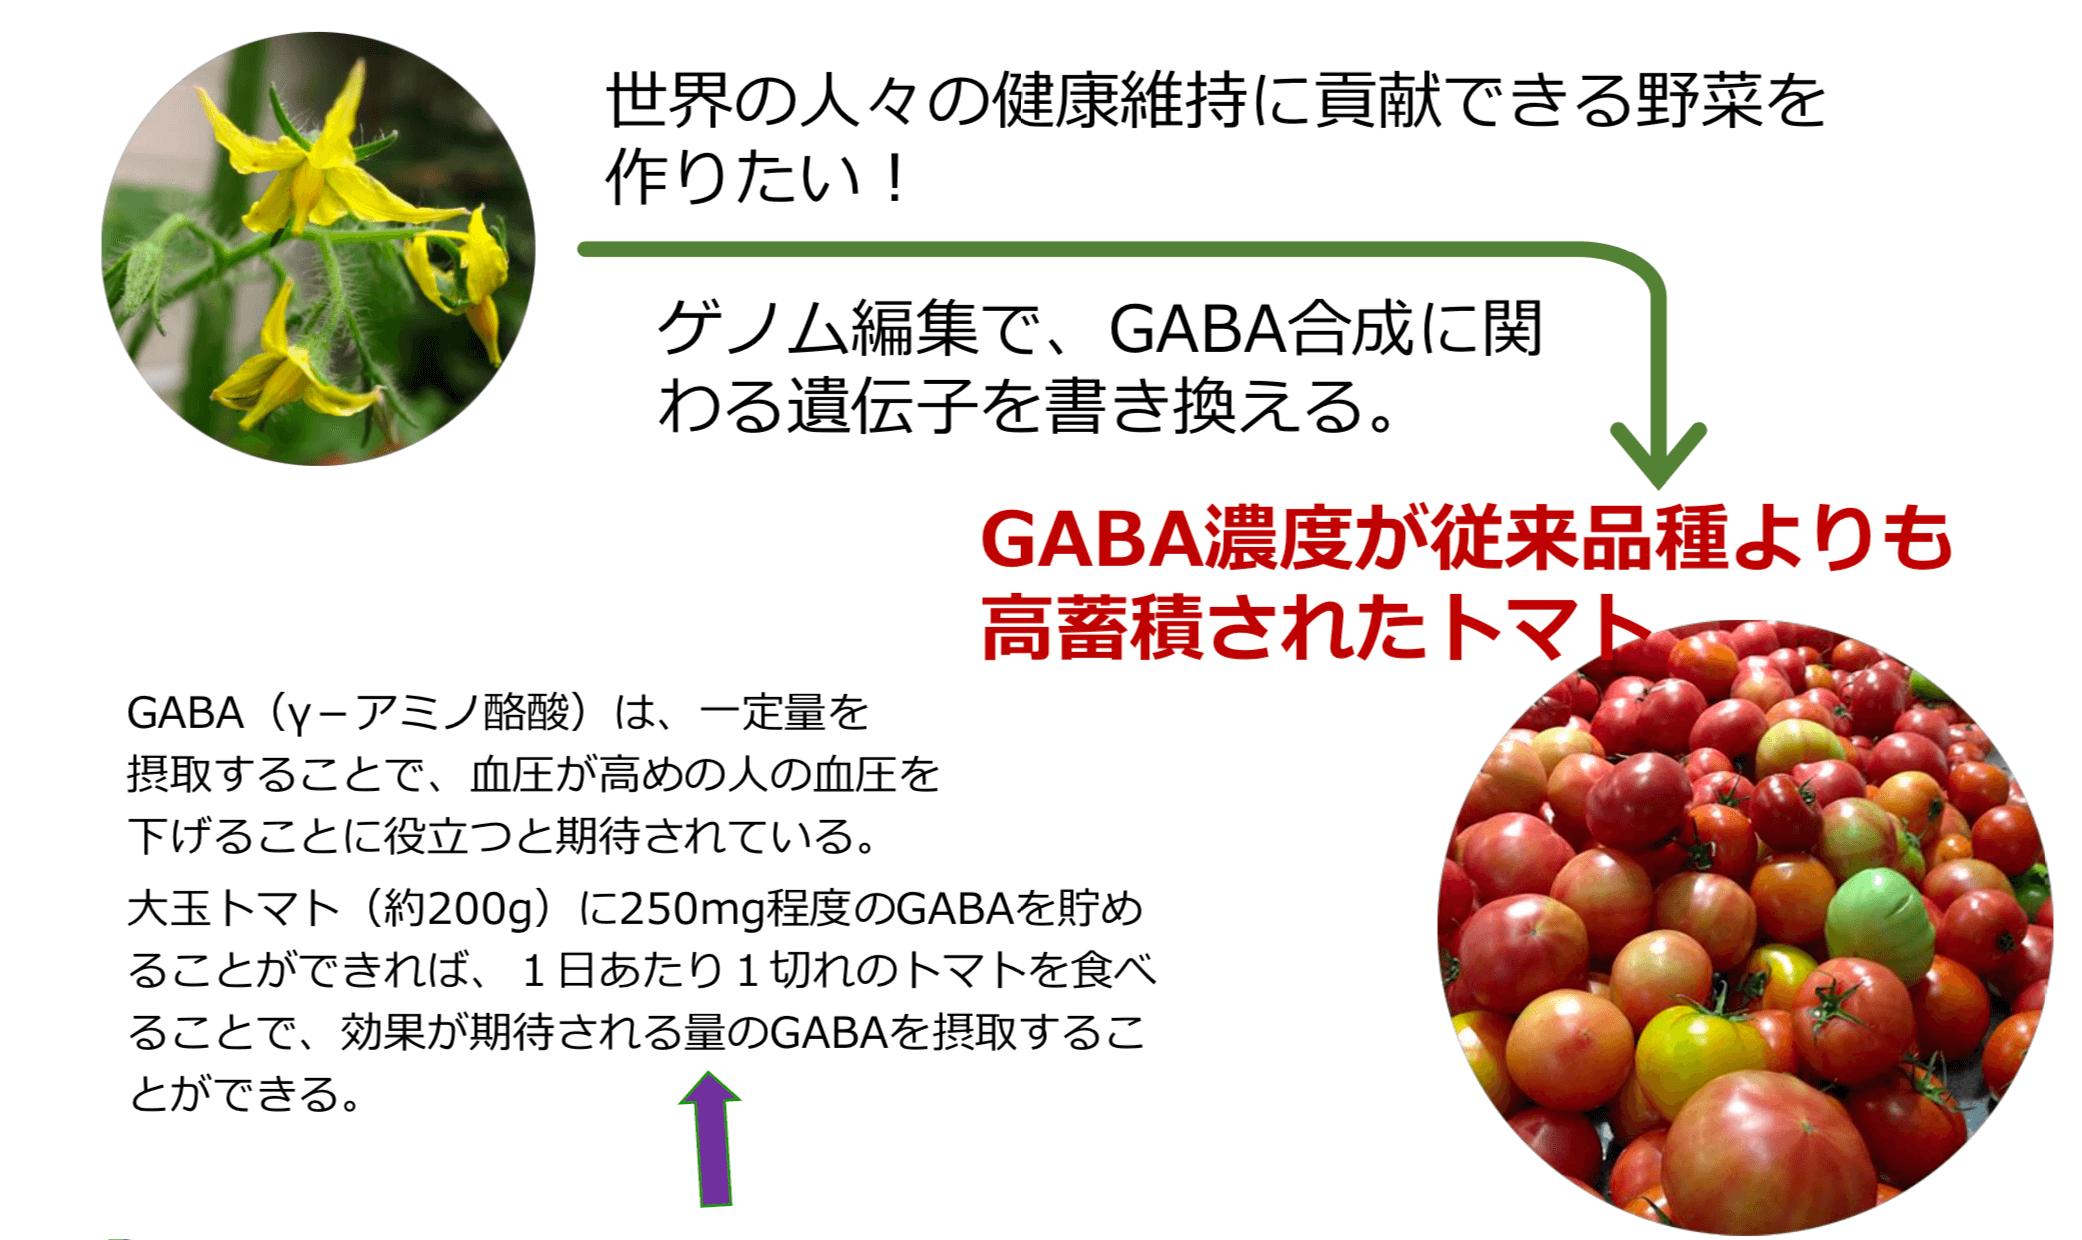 ゲノム編集技術で取り組んでいる事例 GABA高含有トマト(高付加価値)